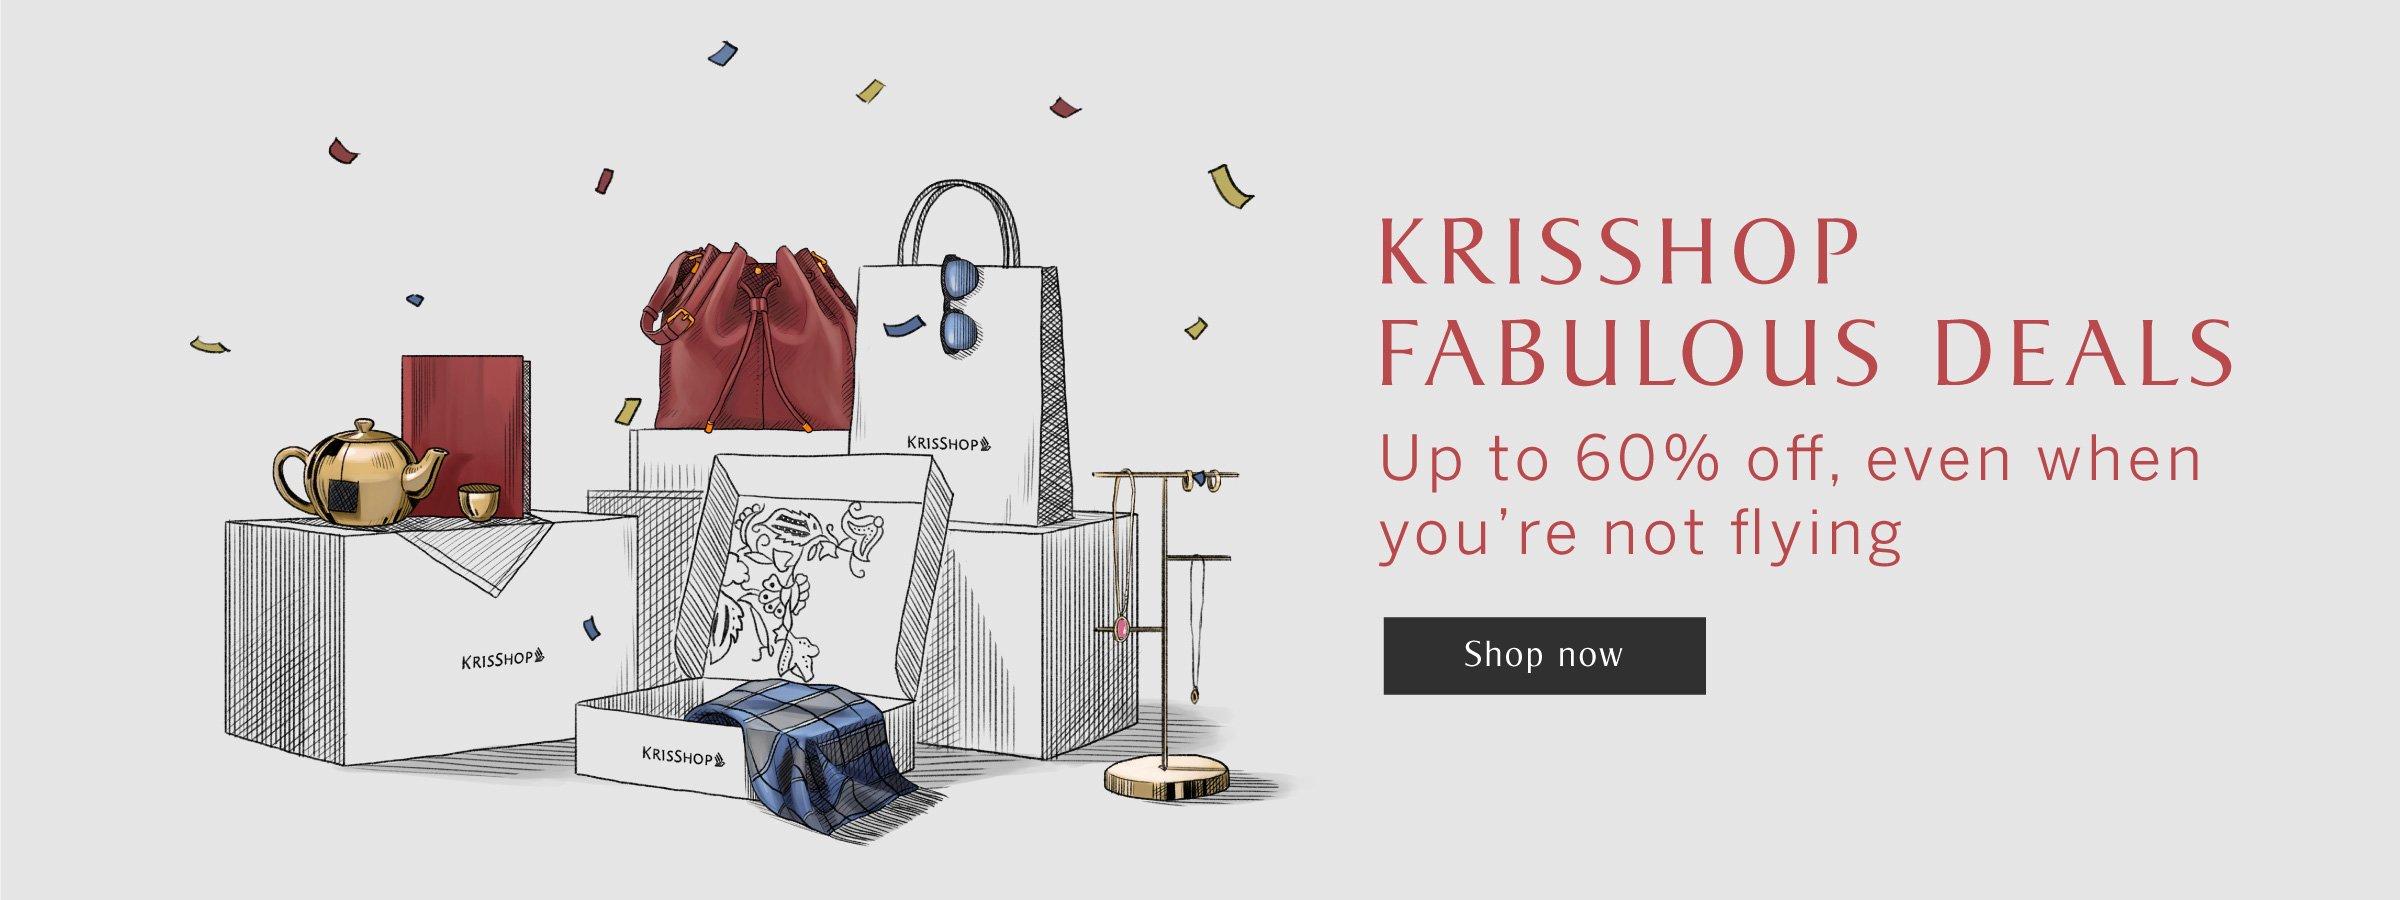 KrisShop Fabulous Deals